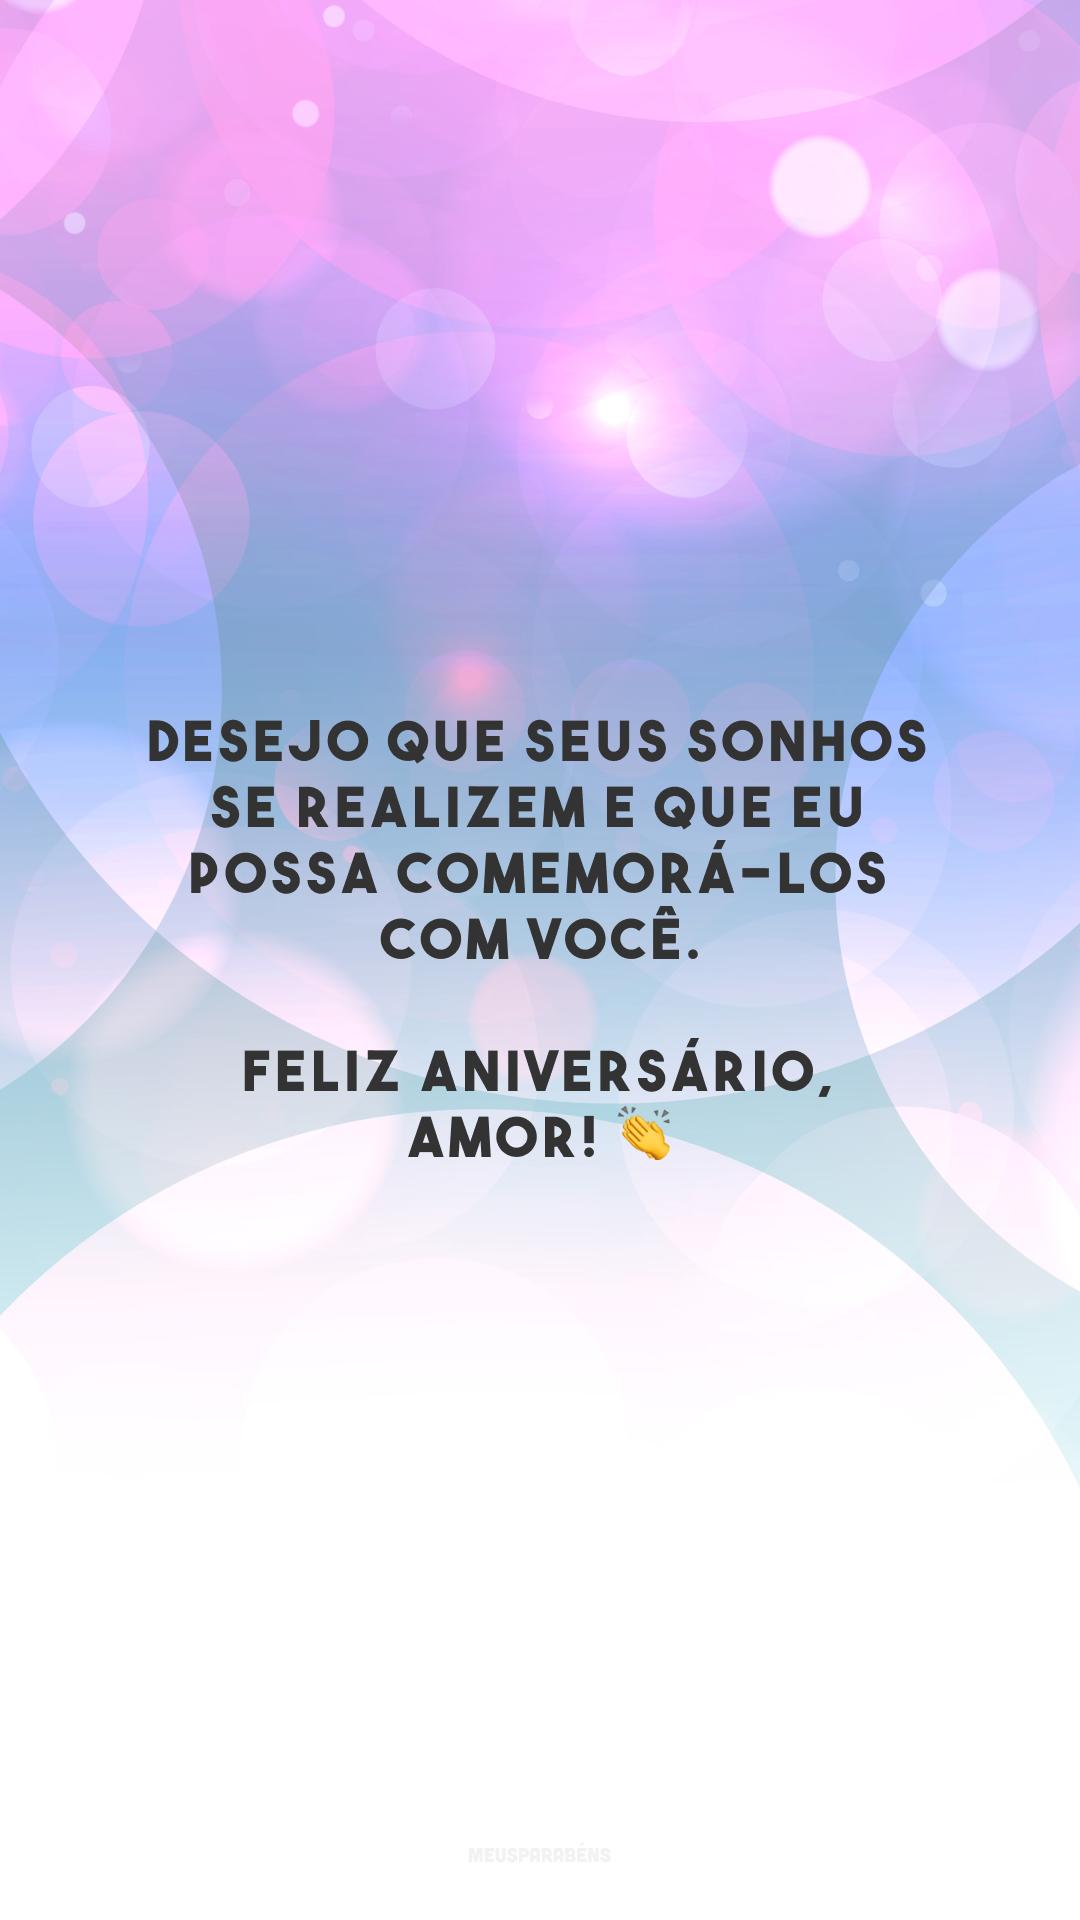 Desejo que seus sonhos se realizem e que eu possa comemorá-los com você. Feliz aniversário, amor! 👏